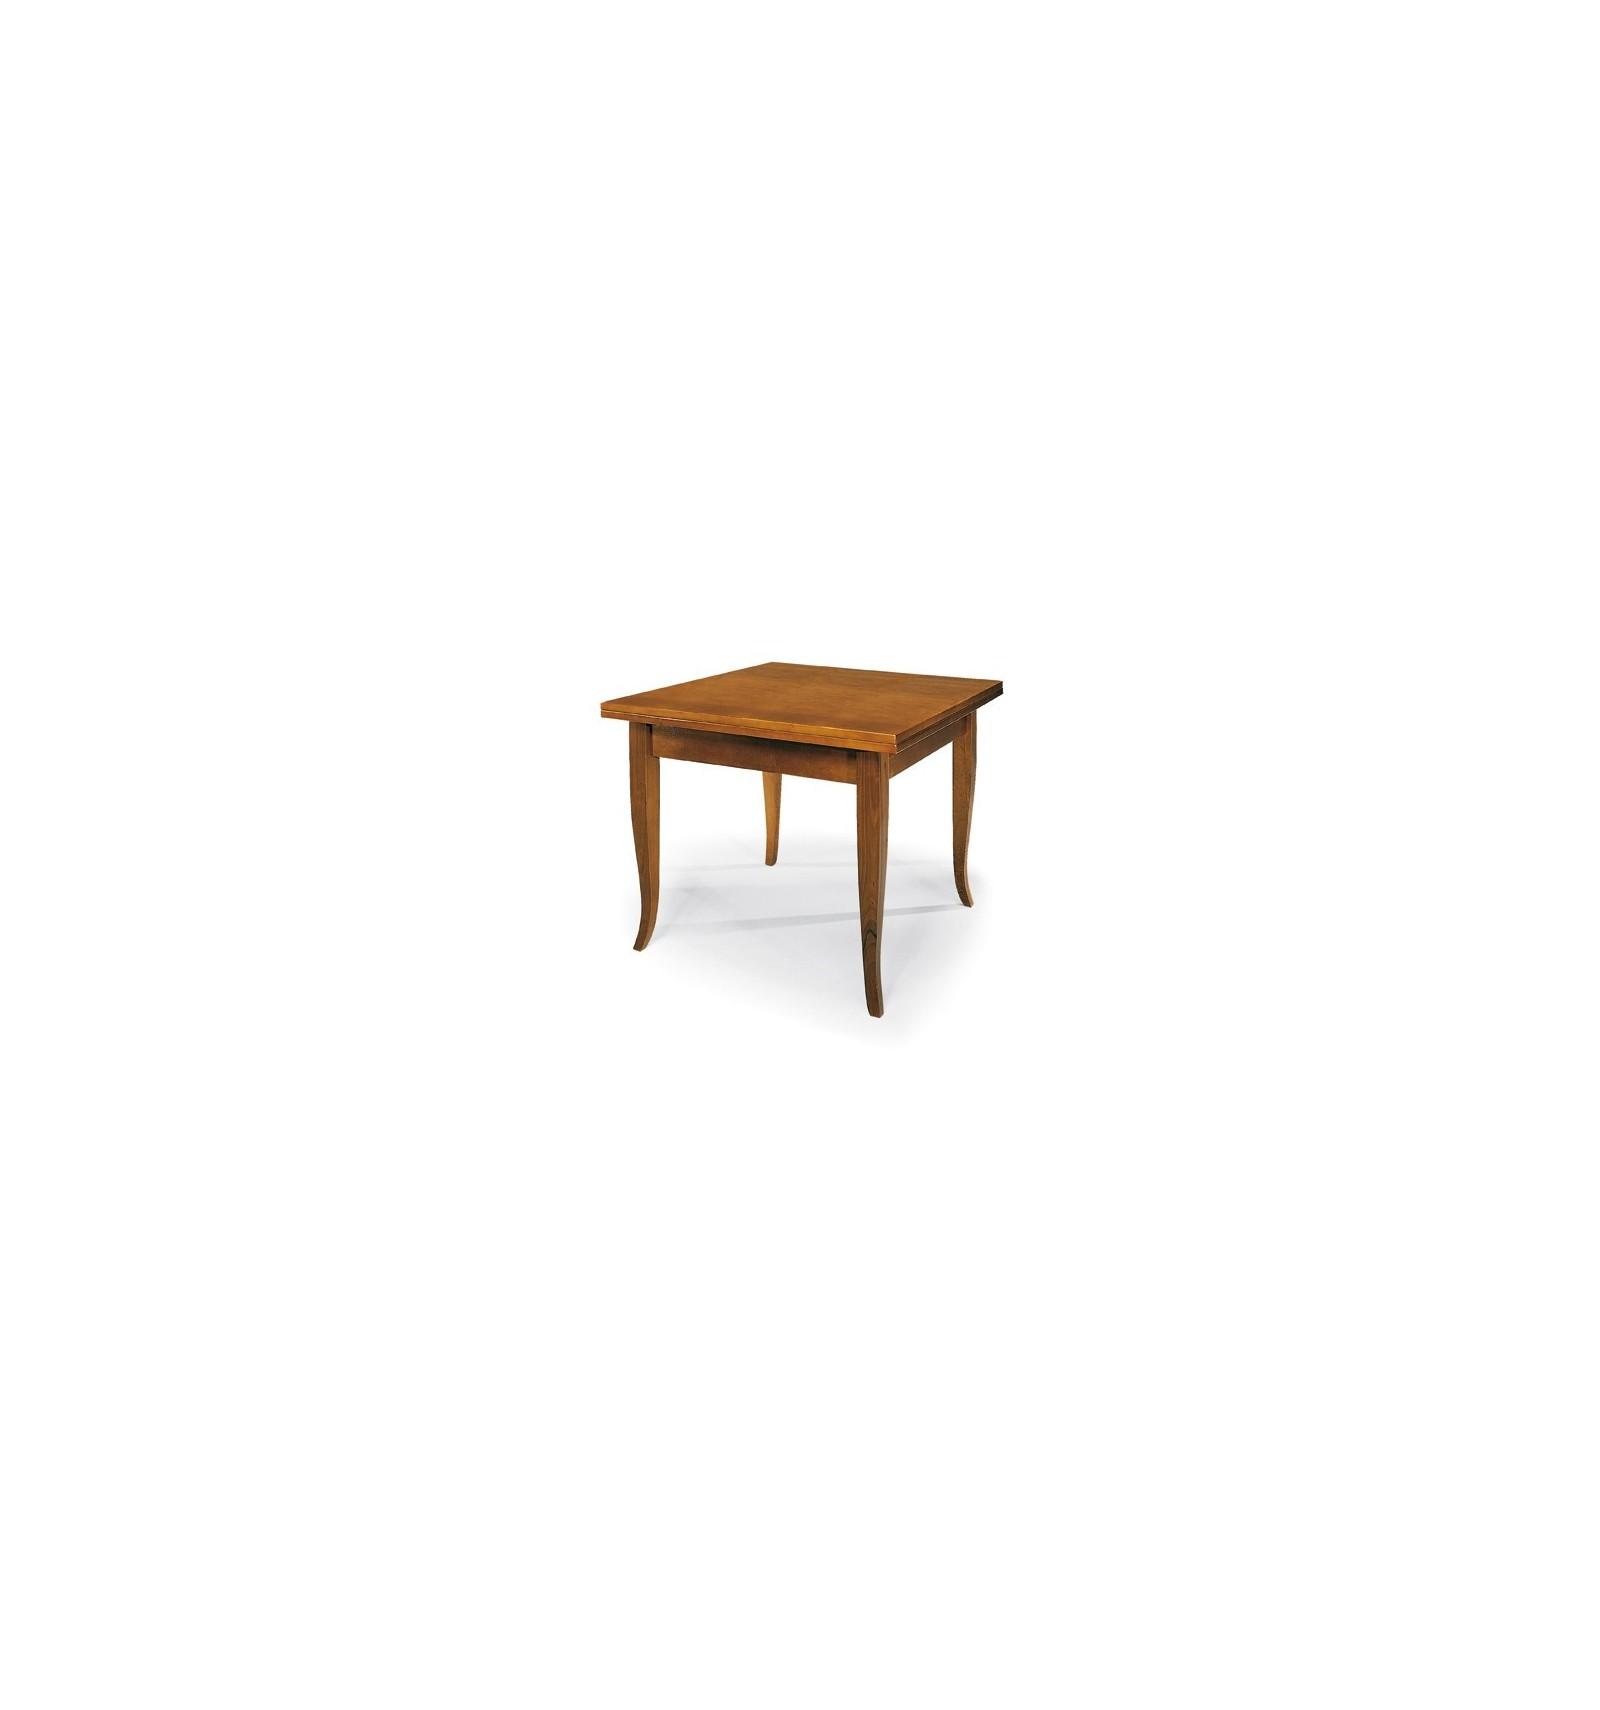 Tavolo Quadrato Apribile A Libro.Tavolo Quadrato Allungabile A Libro Classico 100 200 W140 Nc Lo